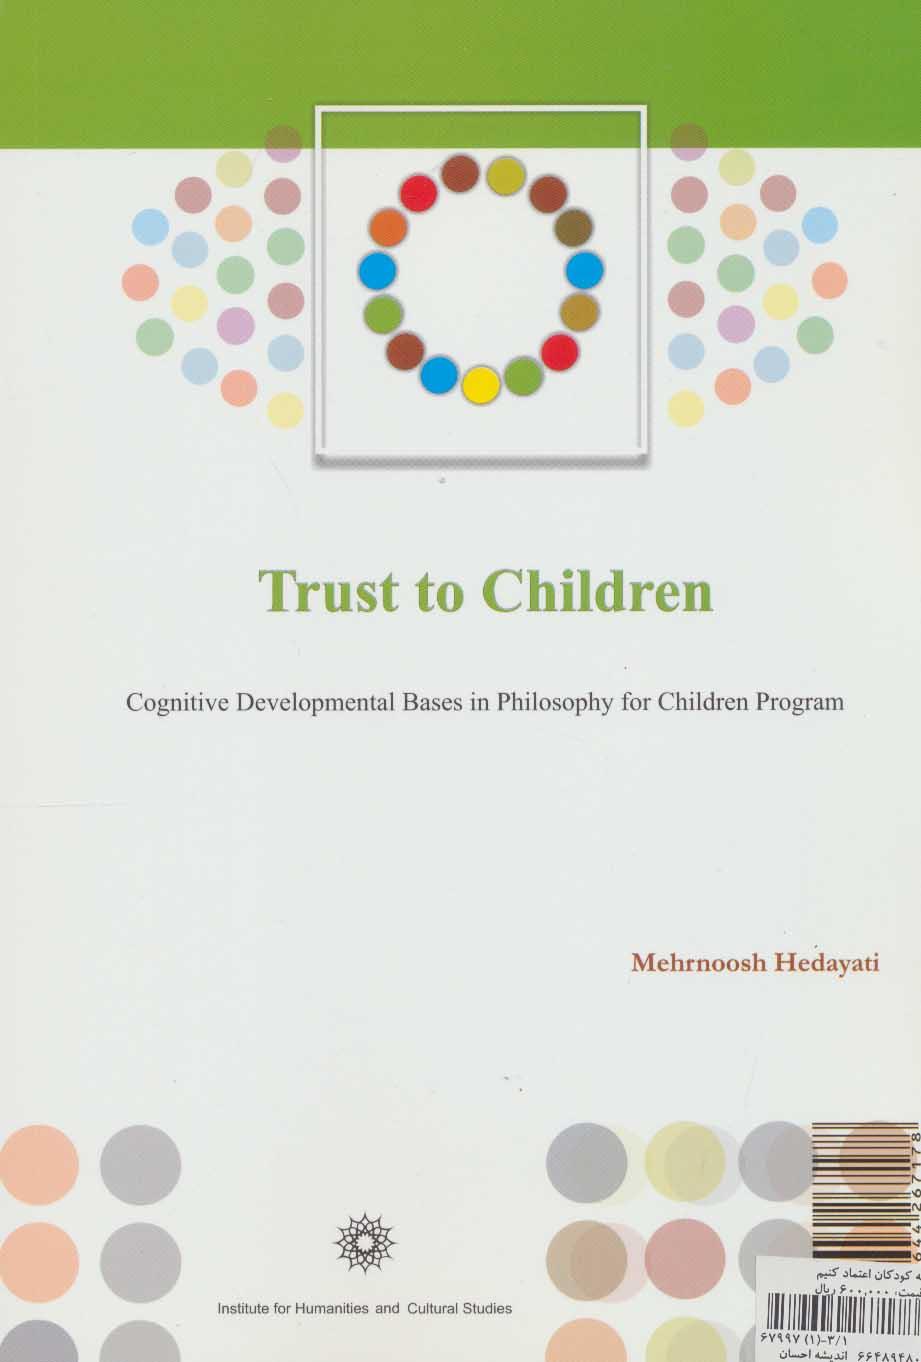 به کودکان اعتماد کنیم (مبانی روانشناسی رشدشناختی در برنامه فلسفه برای کودکان)